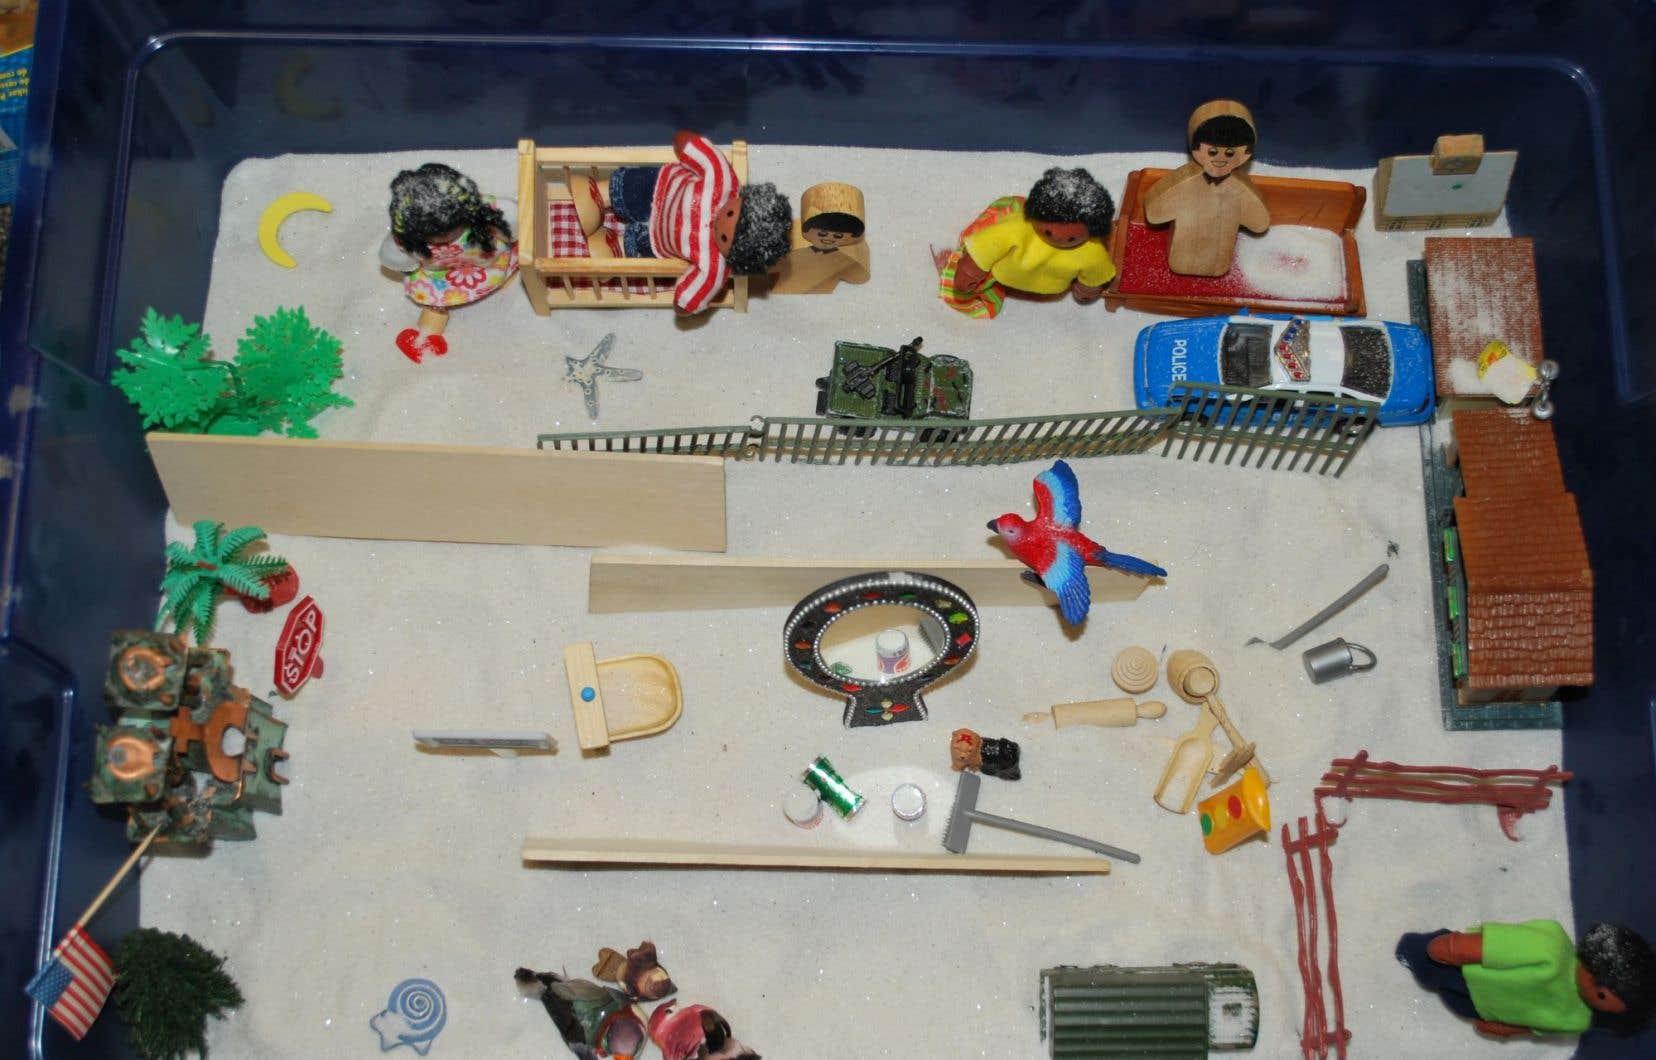 À l'aide de figurines, Kavni met en place un monde familier, rassurant.